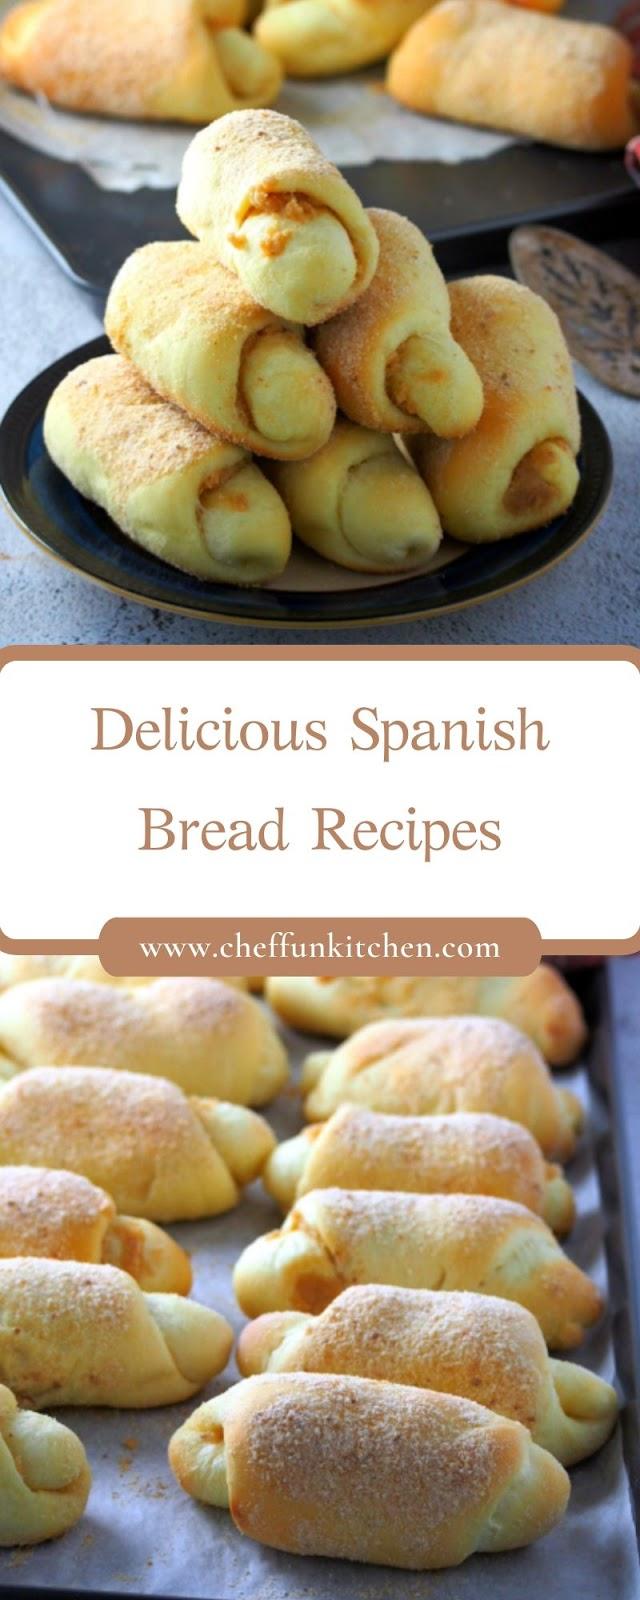 Delicious Spanish Bread Recipes